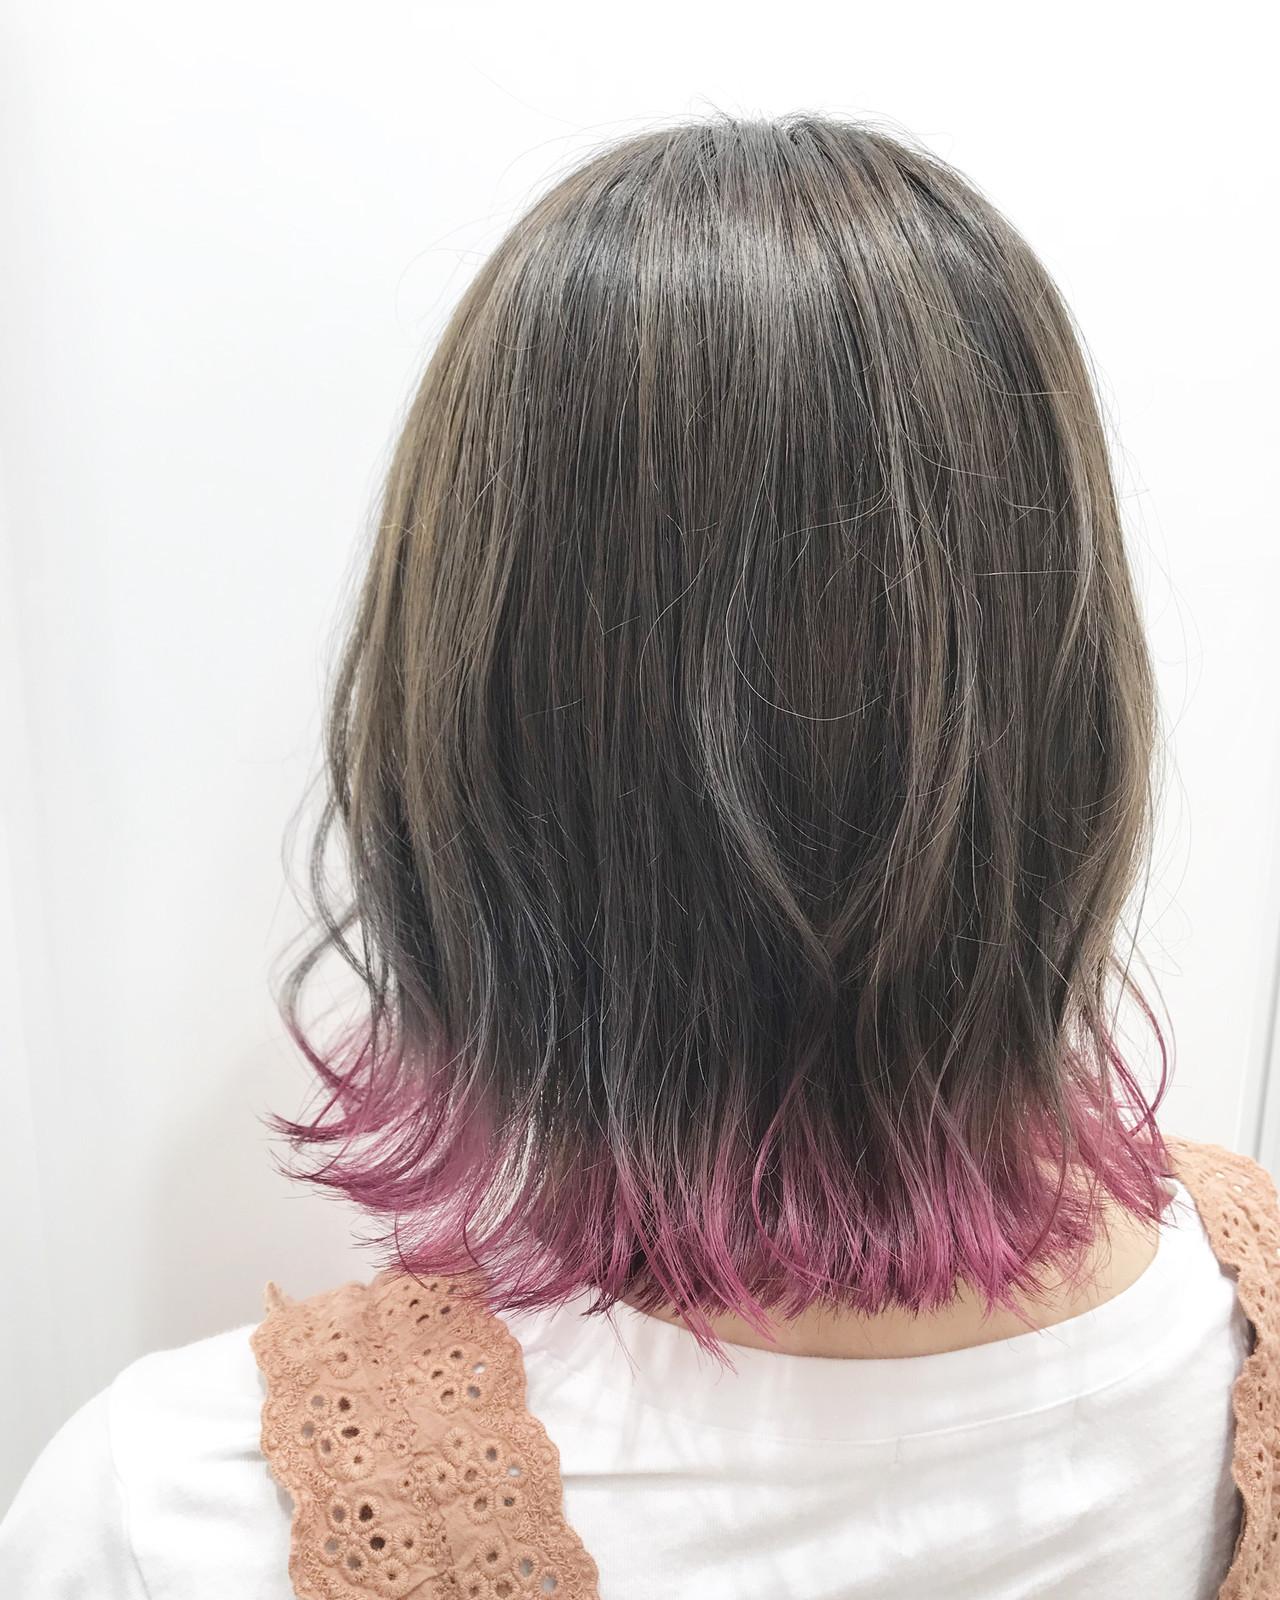 裾カラー インナーカラー ミディアム ポイントカラー ヘアスタイルや髪型の写真・画像